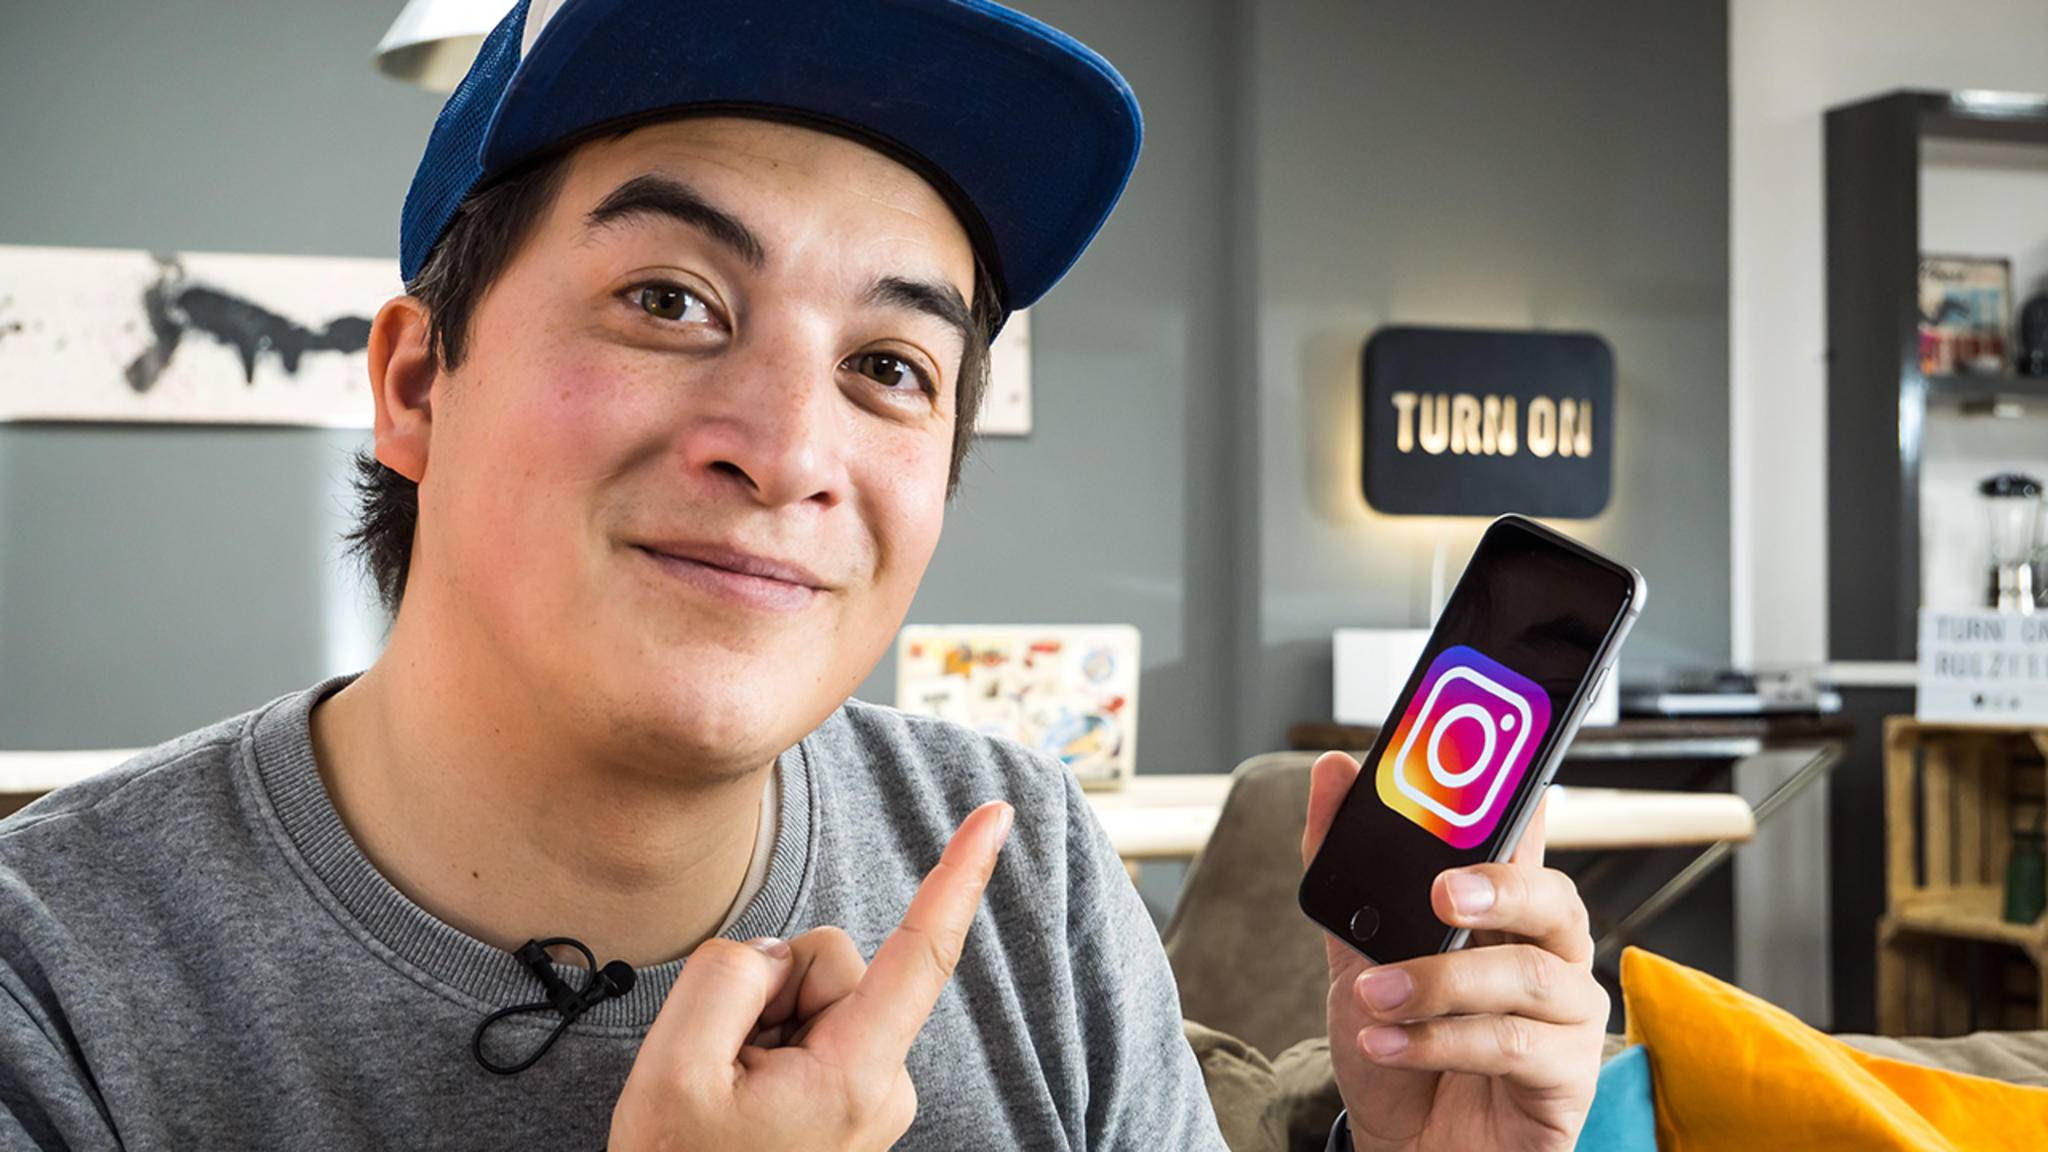 Wir verraten Dir alles, was Du über Instagram wissen musst.